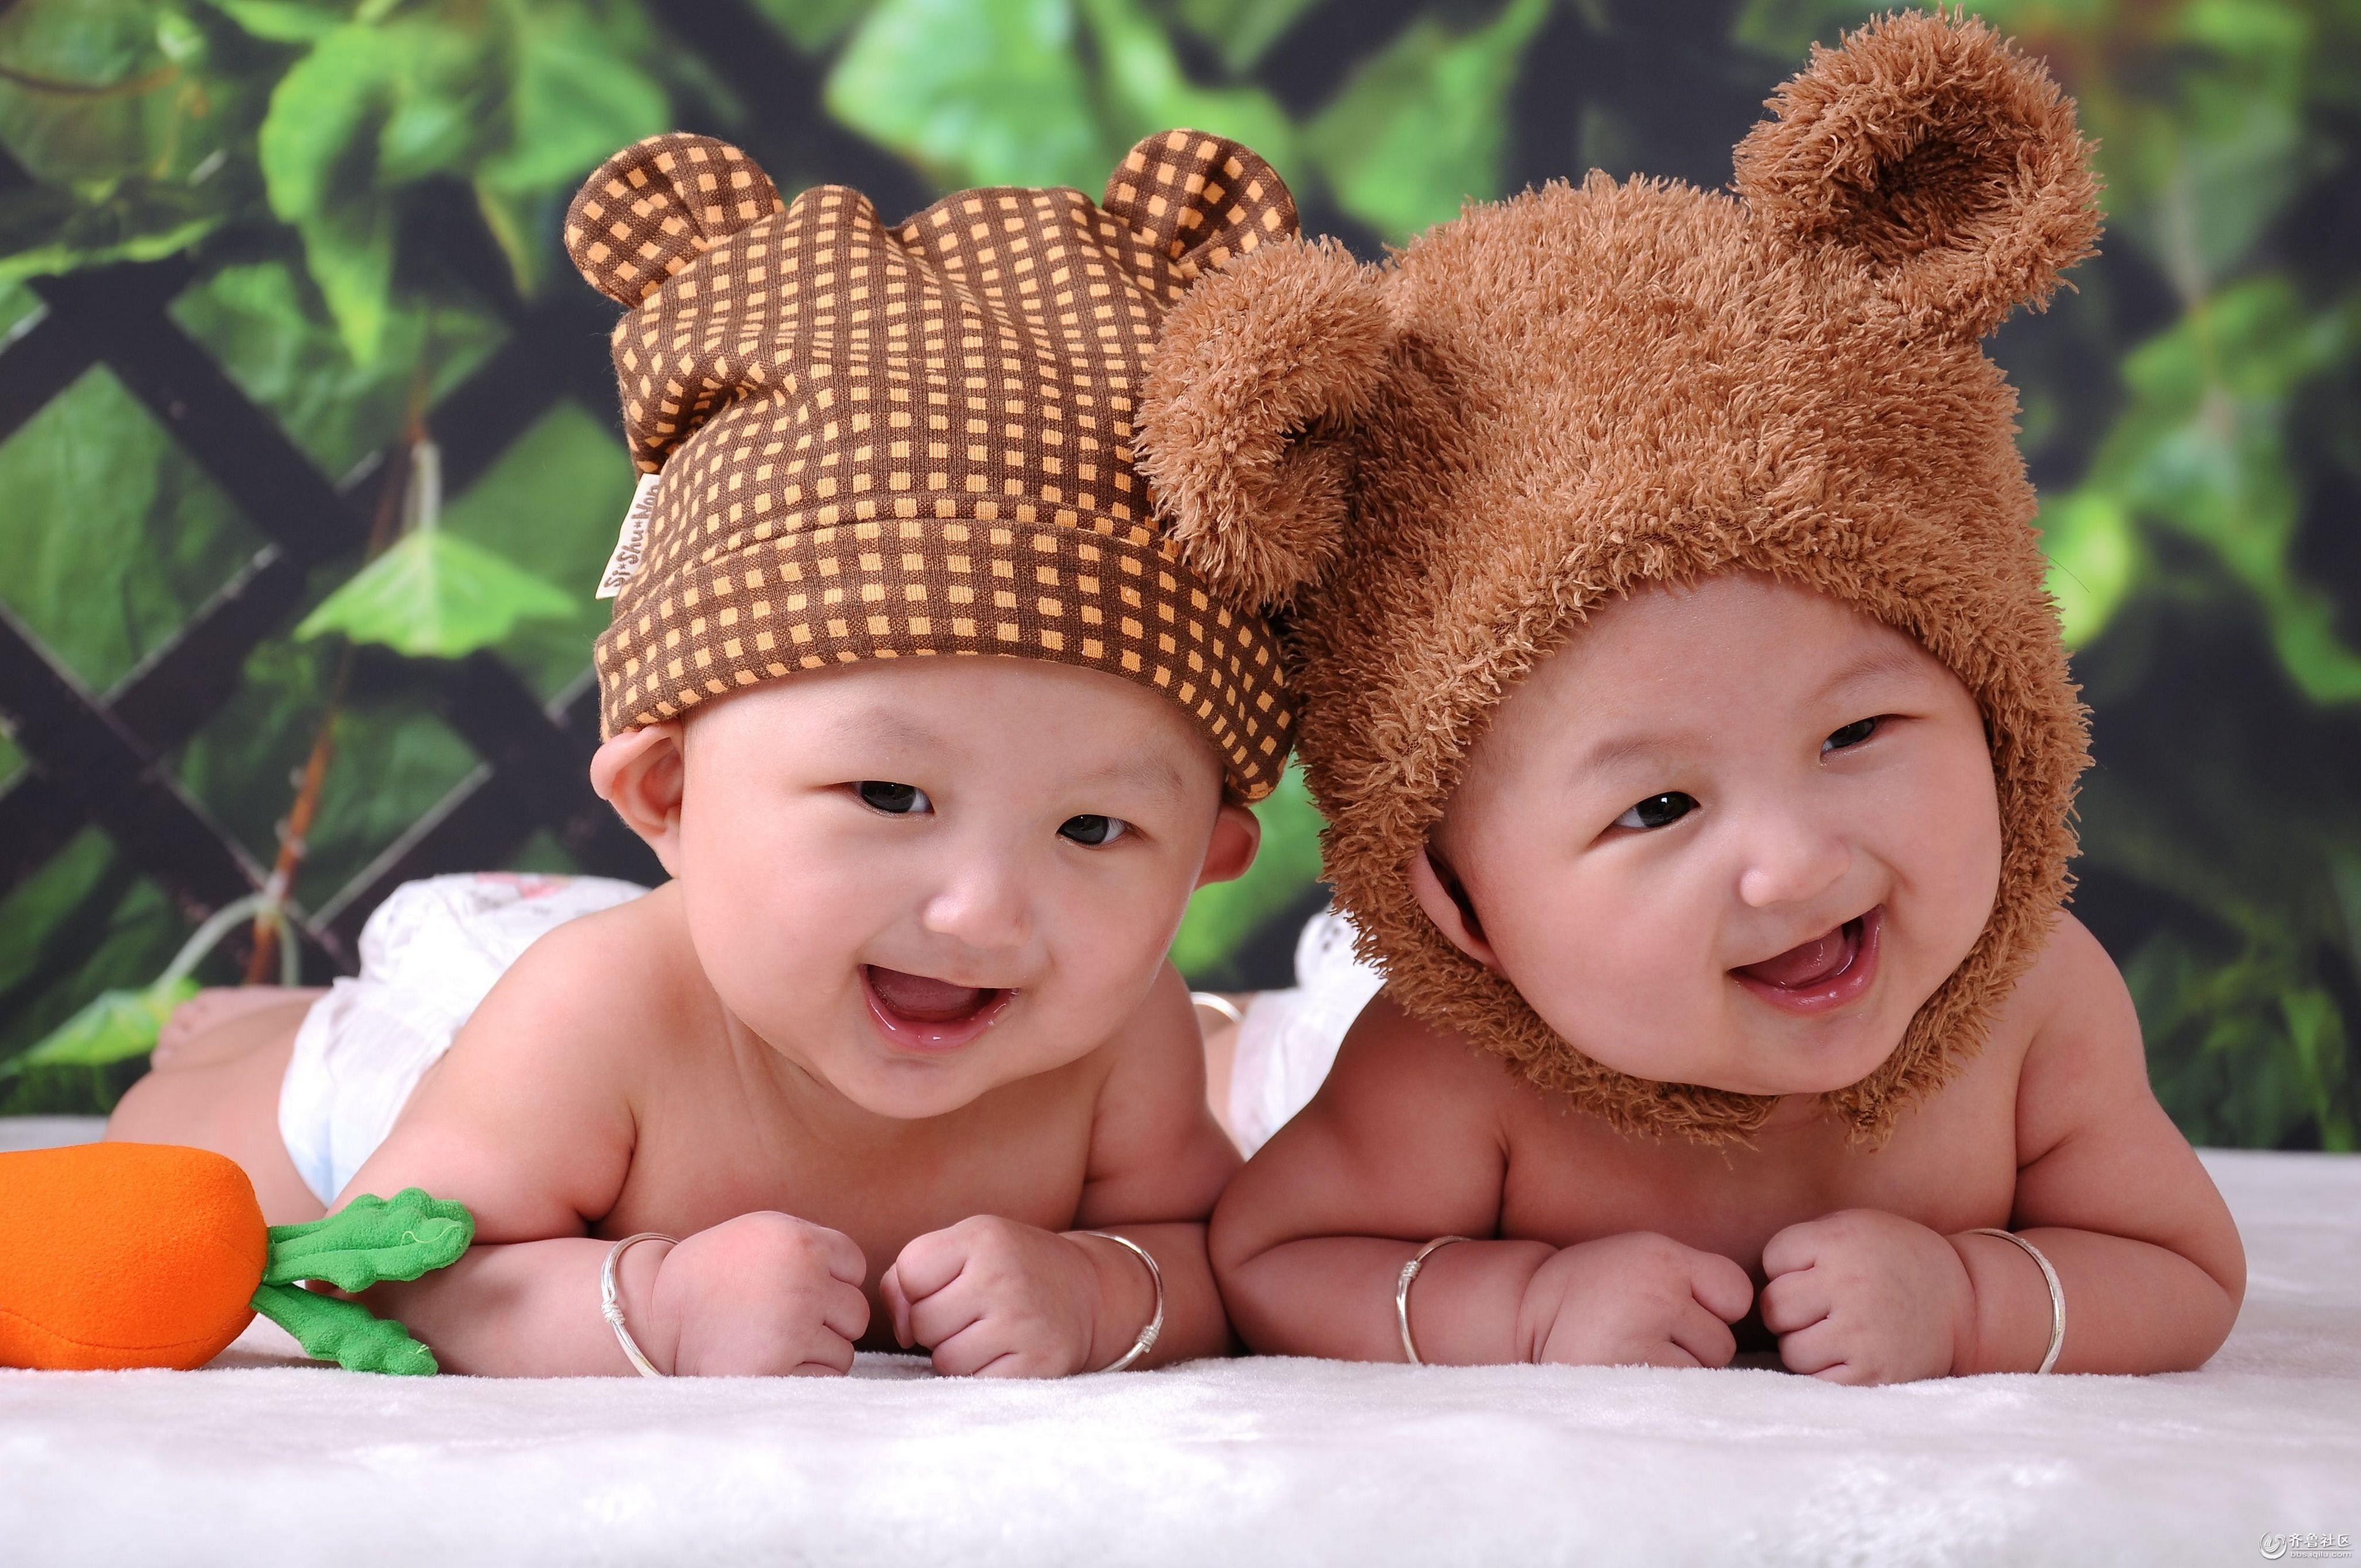 可爱婴儿萌图片集